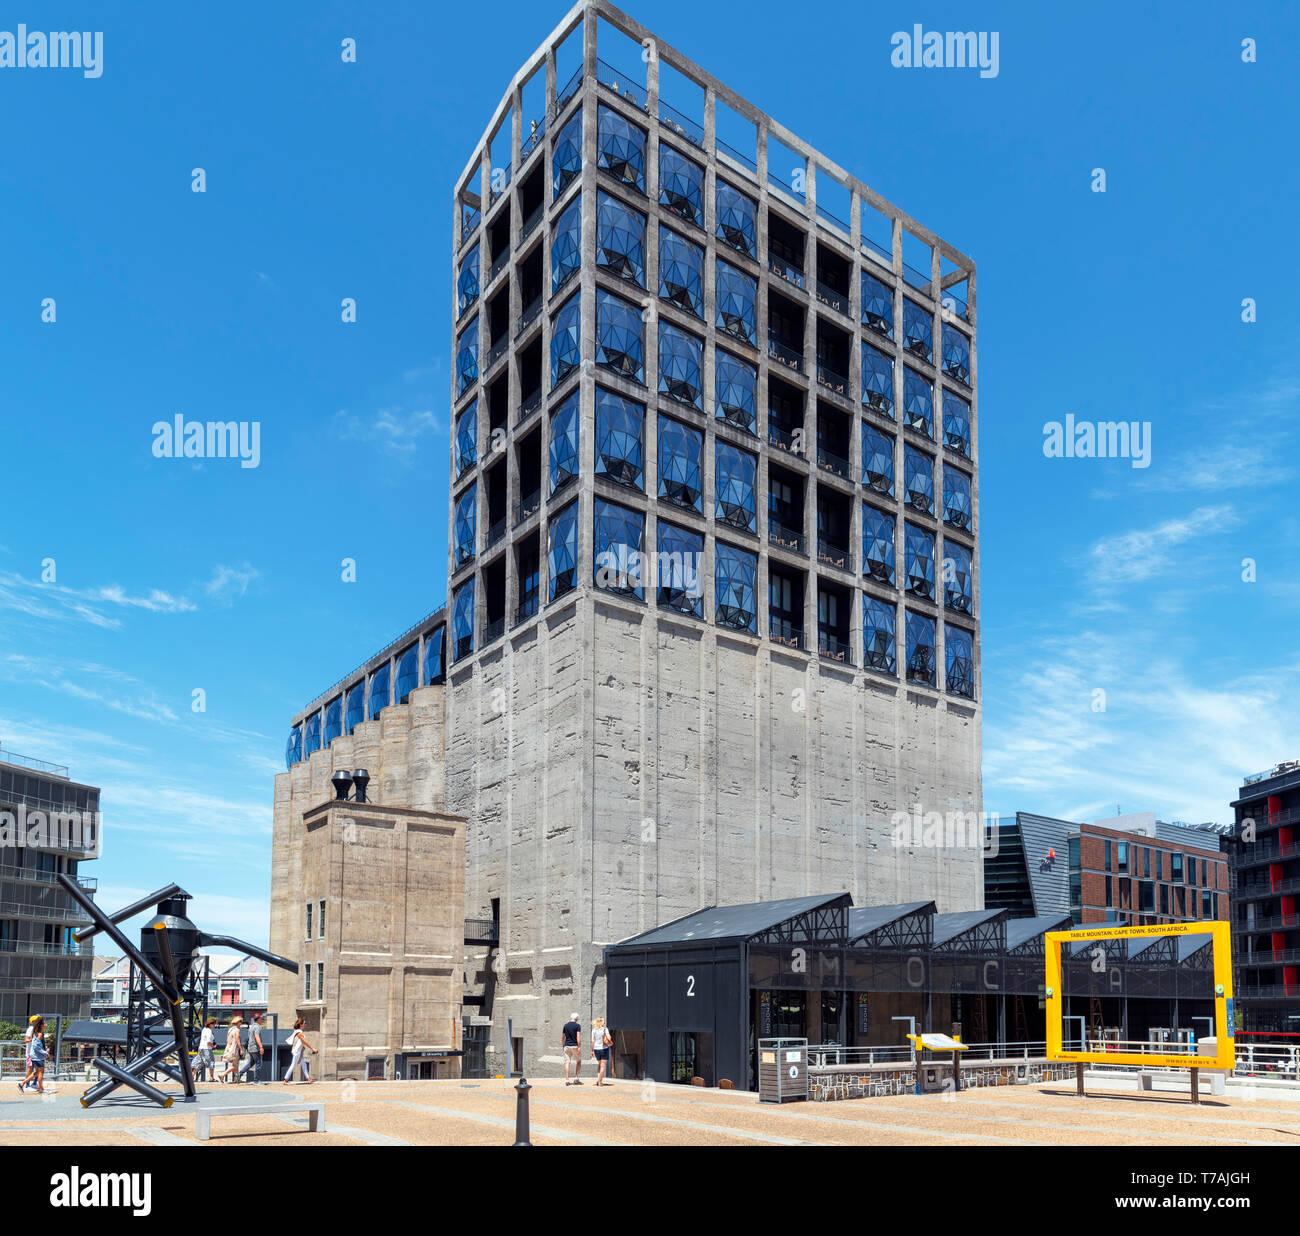 Zeitz Museo di Arte Contemporanea Africa (Zeitz MOCAA), V&A Waterfront, Città del Capo, Western Cape, Sud Africa Immagini Stock